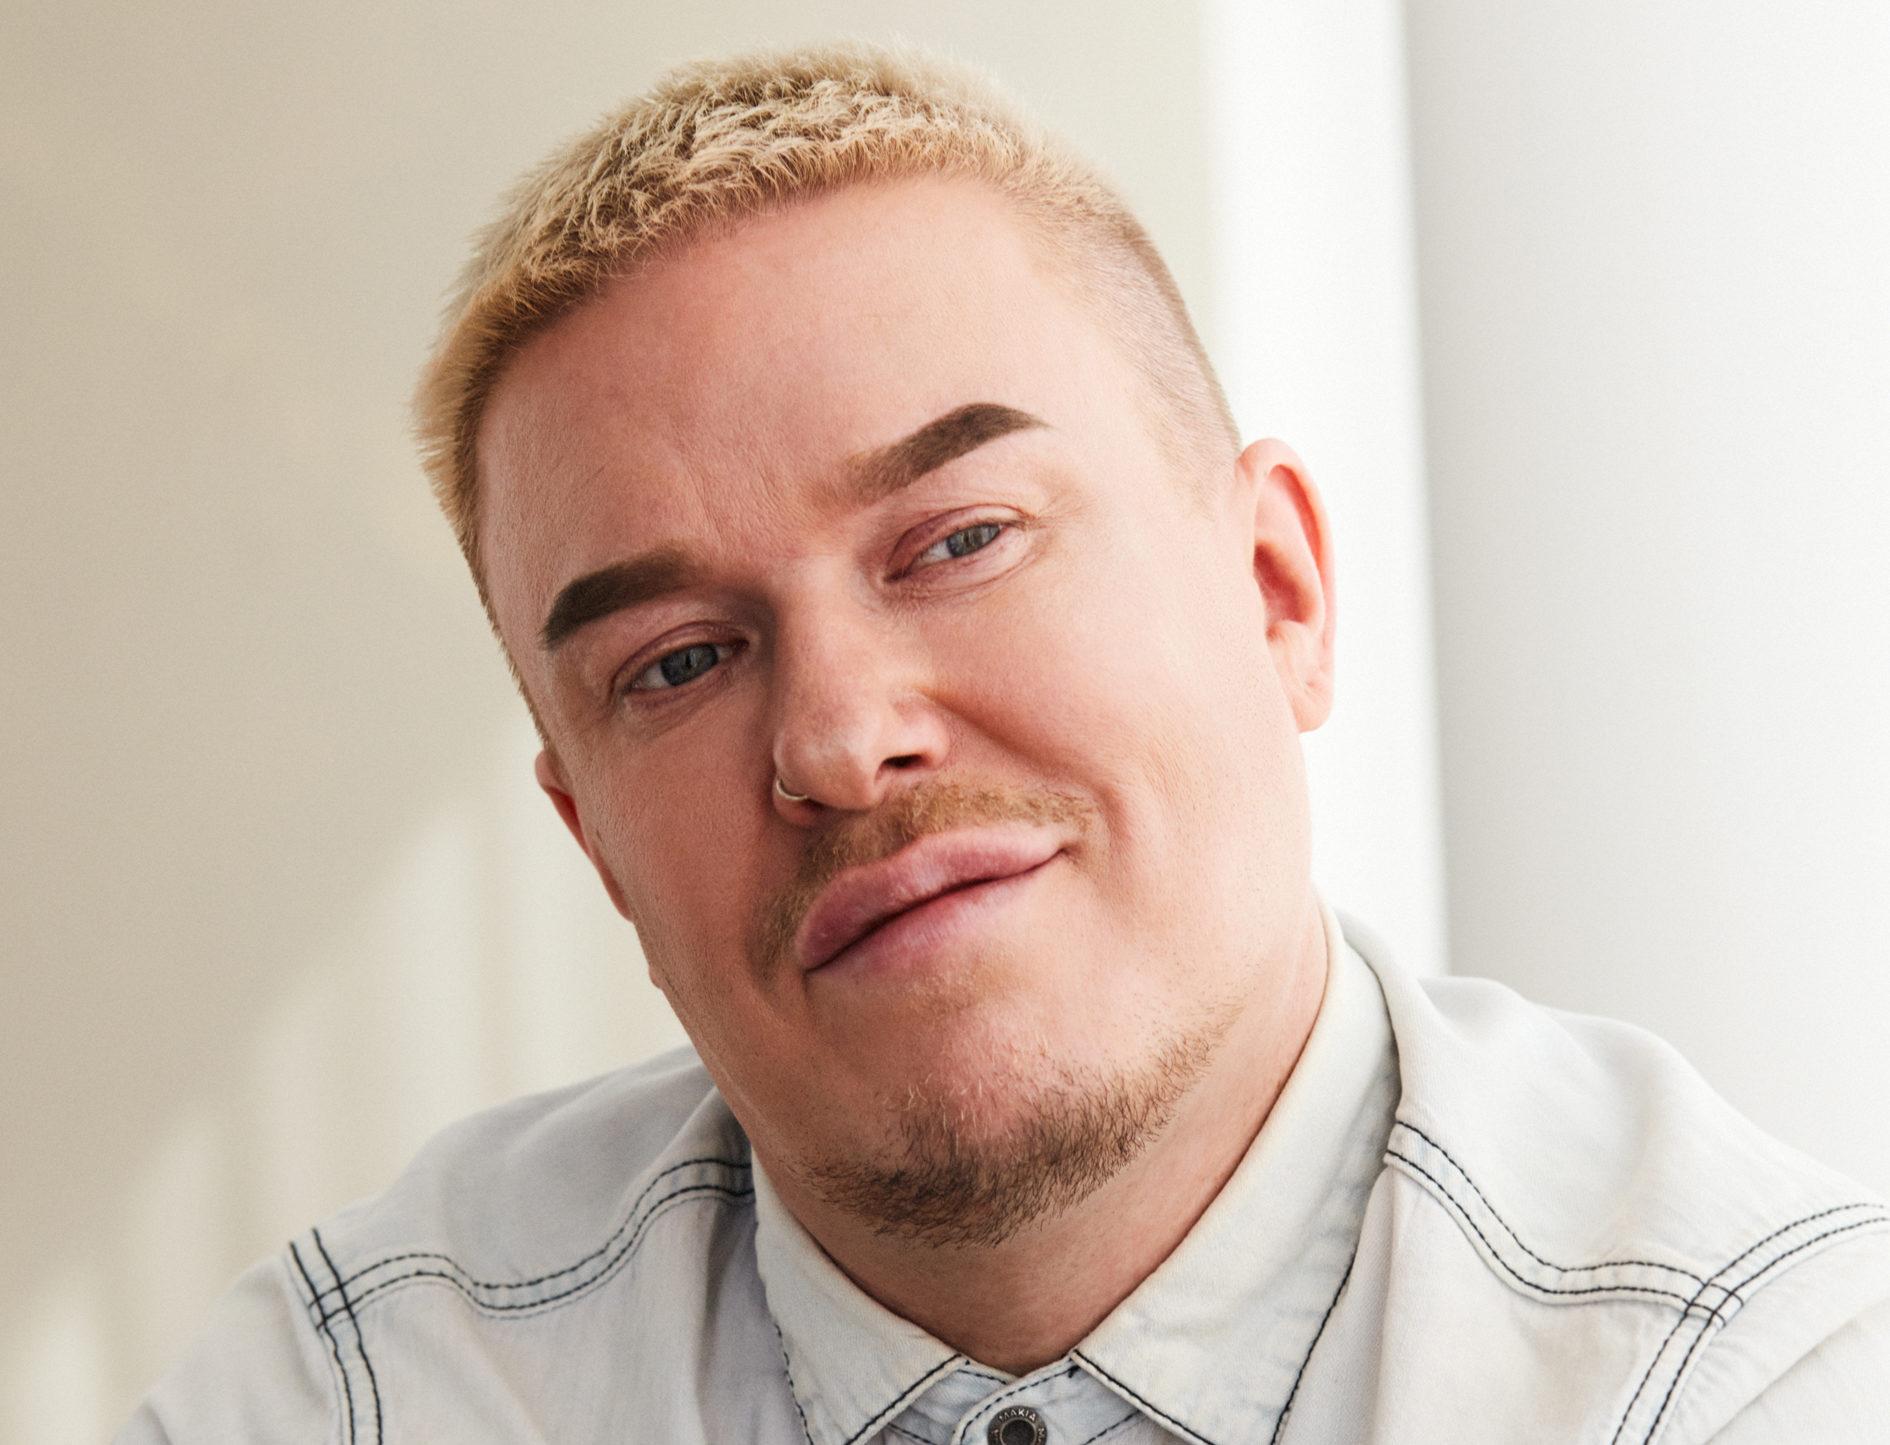 Jesse Kaikuranta palasi tänä vuonna artistiksi pitkän tauon jälkeen.